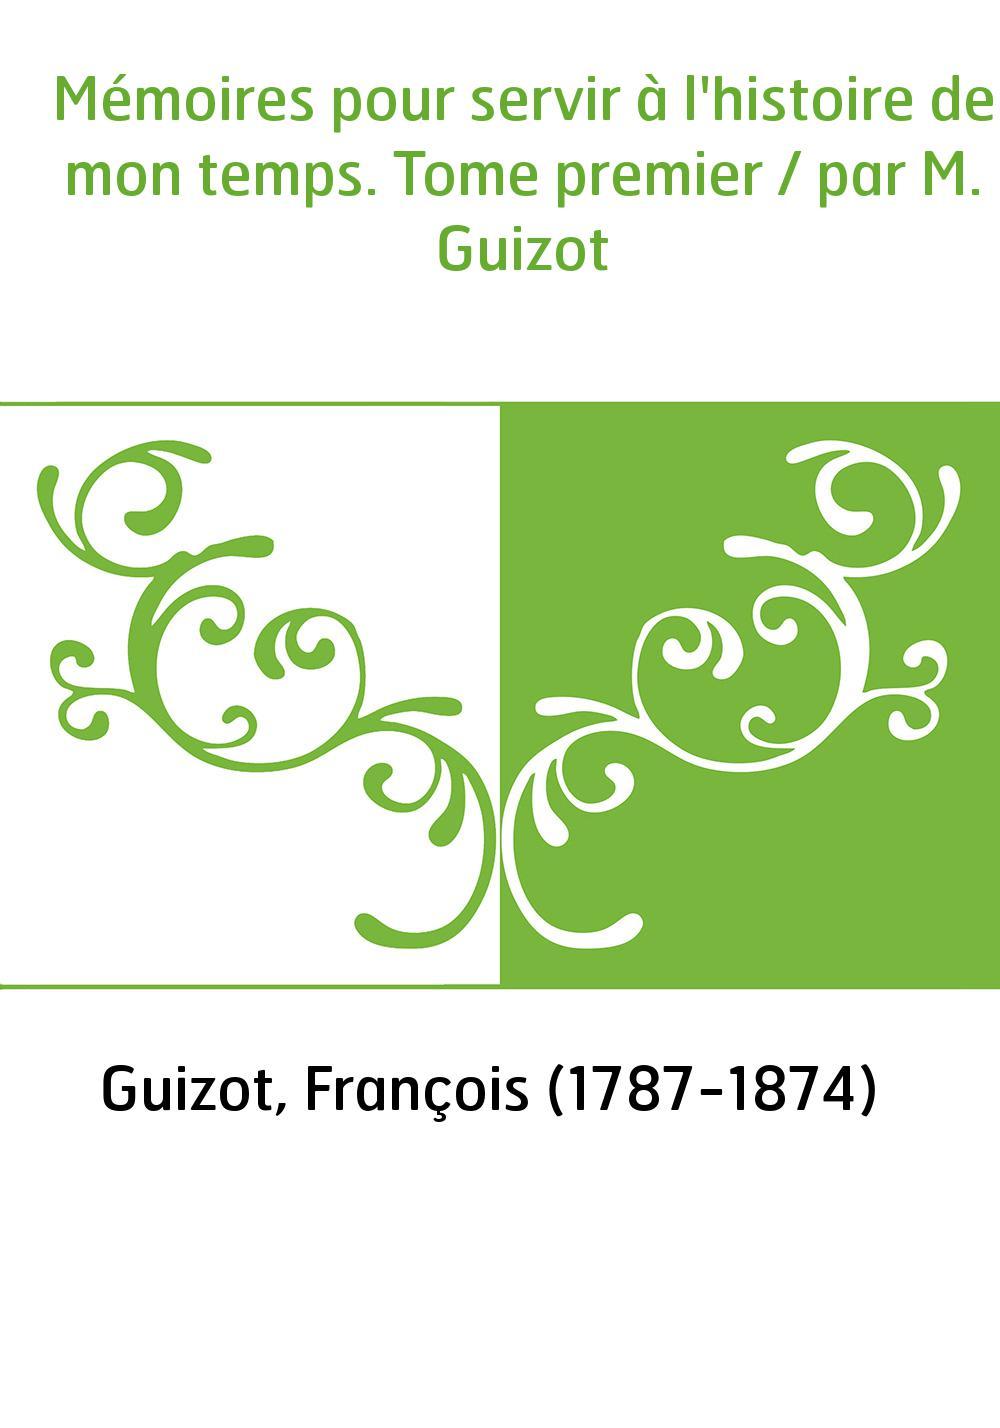 Mémoires pour servir à l'histoire de mon temps. Tome premier / par M. Guizot